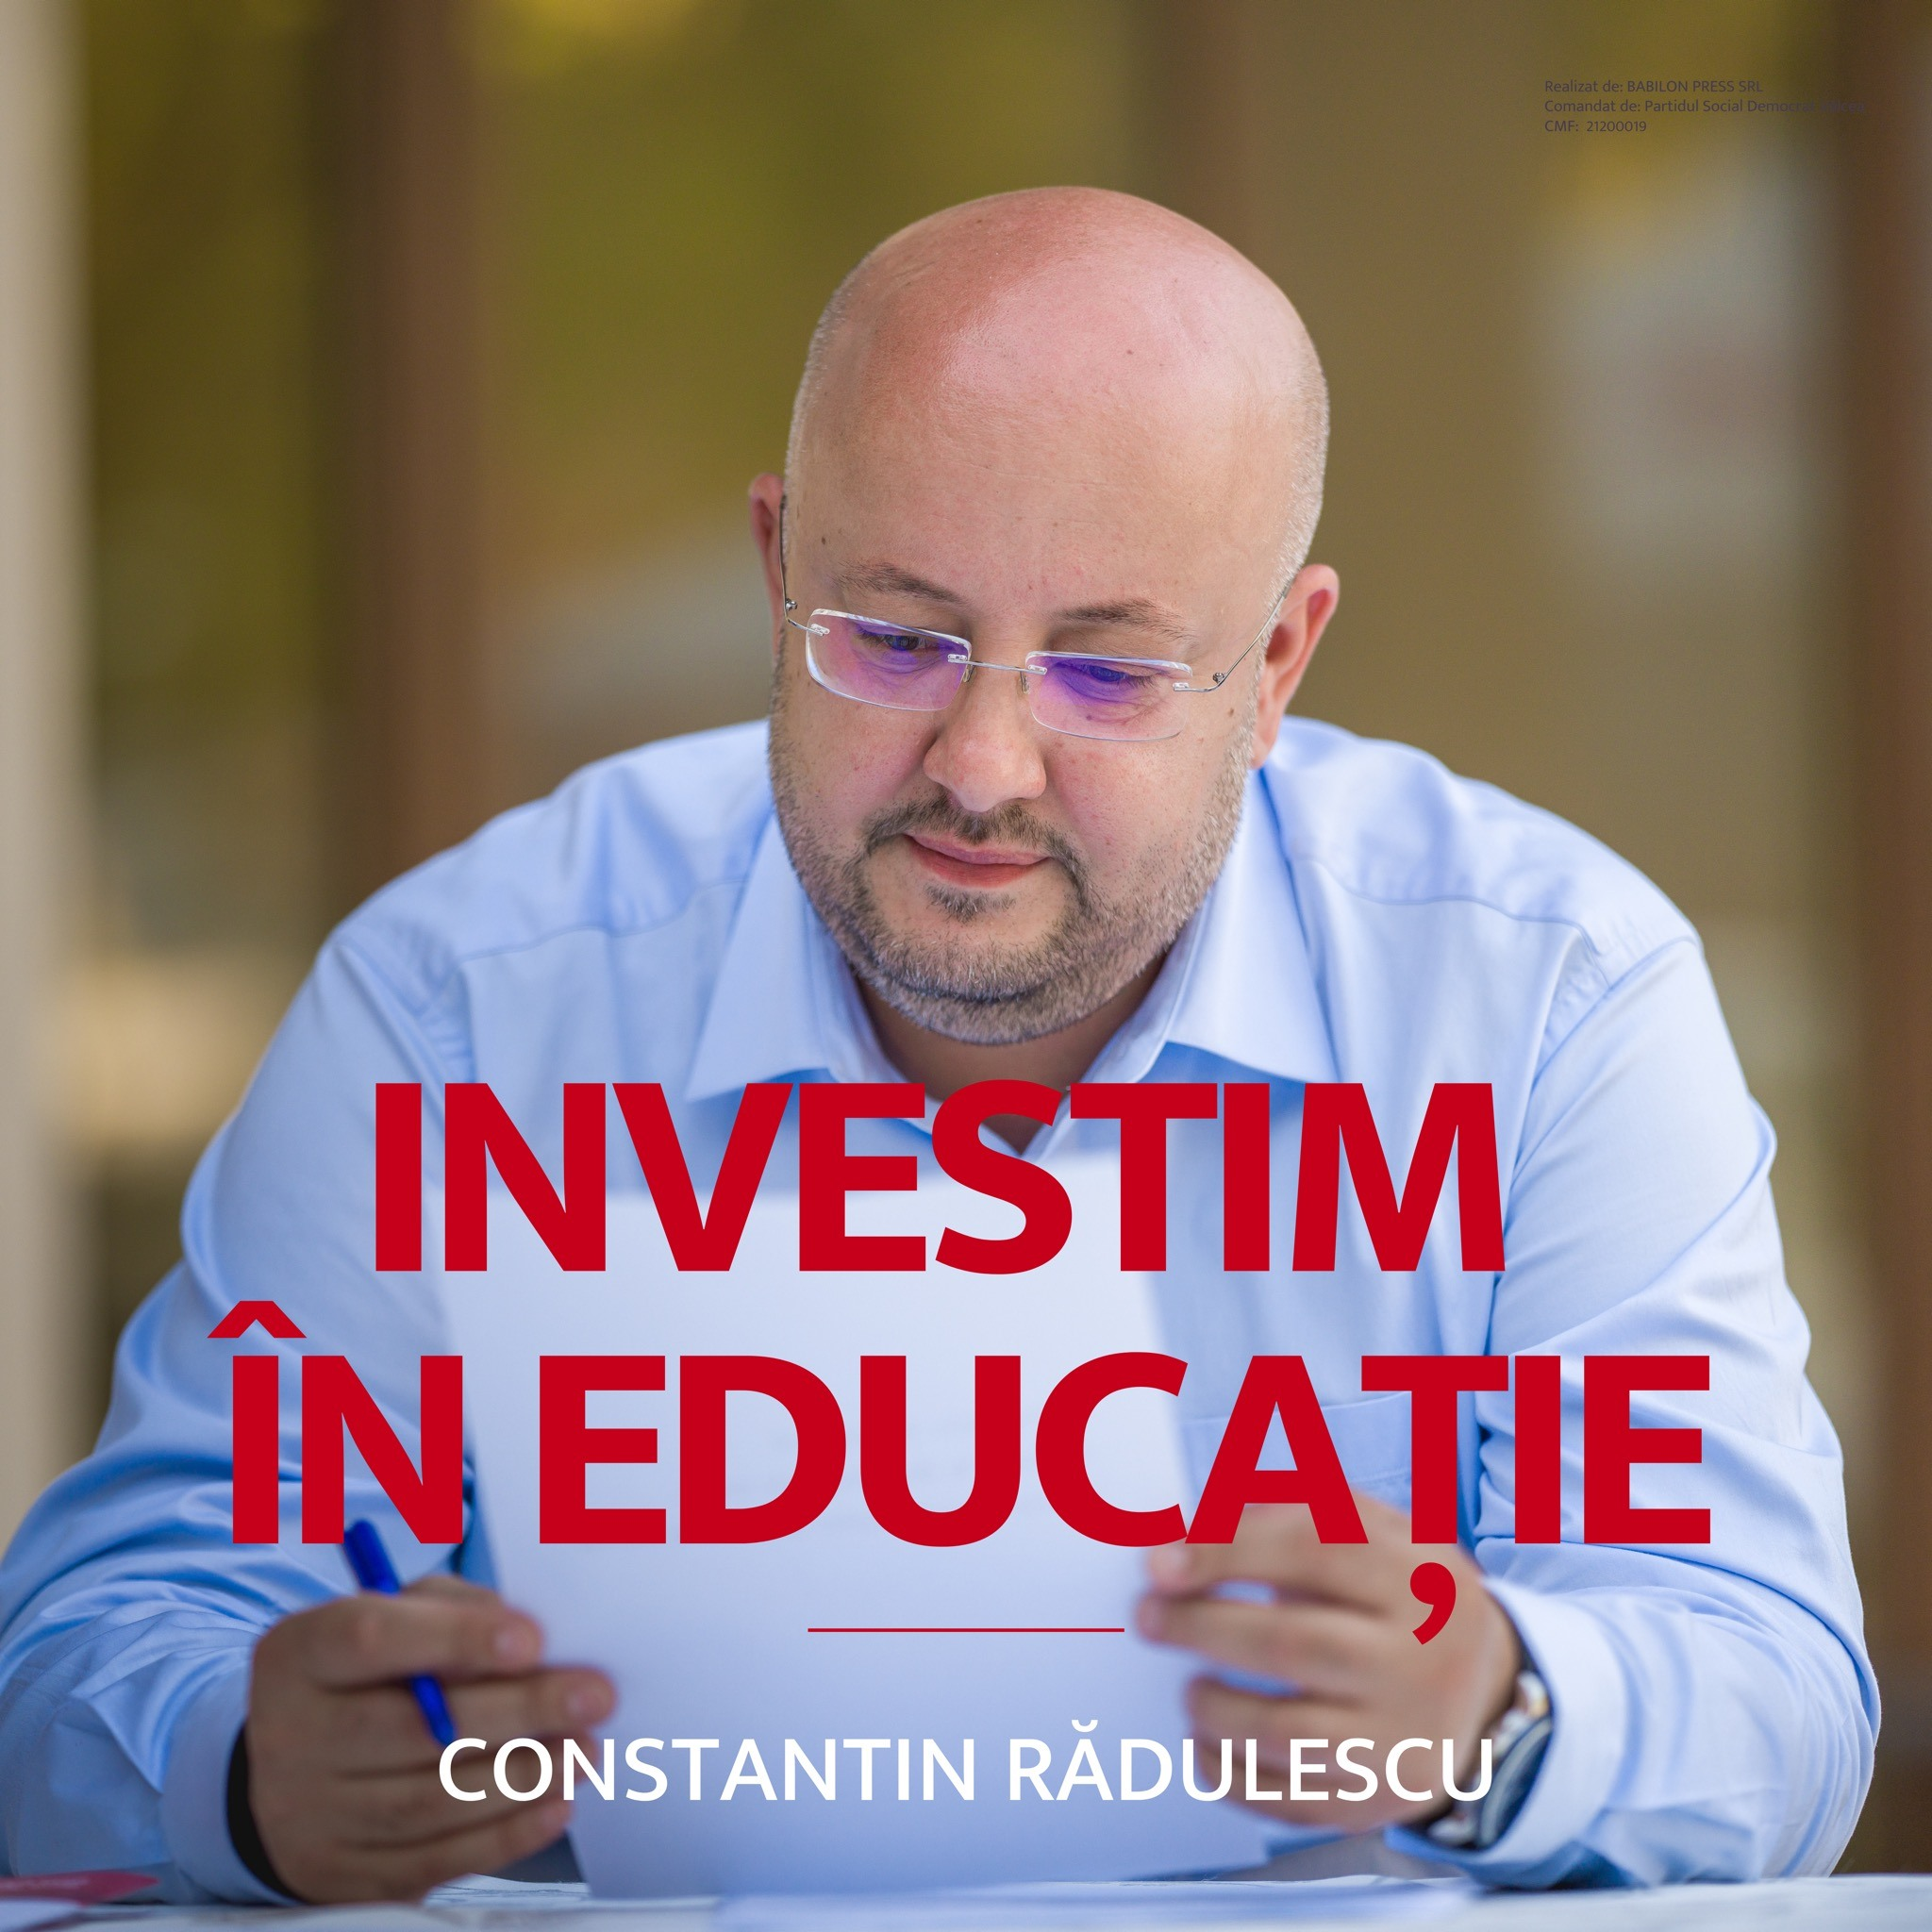 """Constantin RĂDULESCU: """"Vom înființa Cyber Smart Academy, proiect prin care tinerii vor fi şcoliţi în domeniul IT"""""""